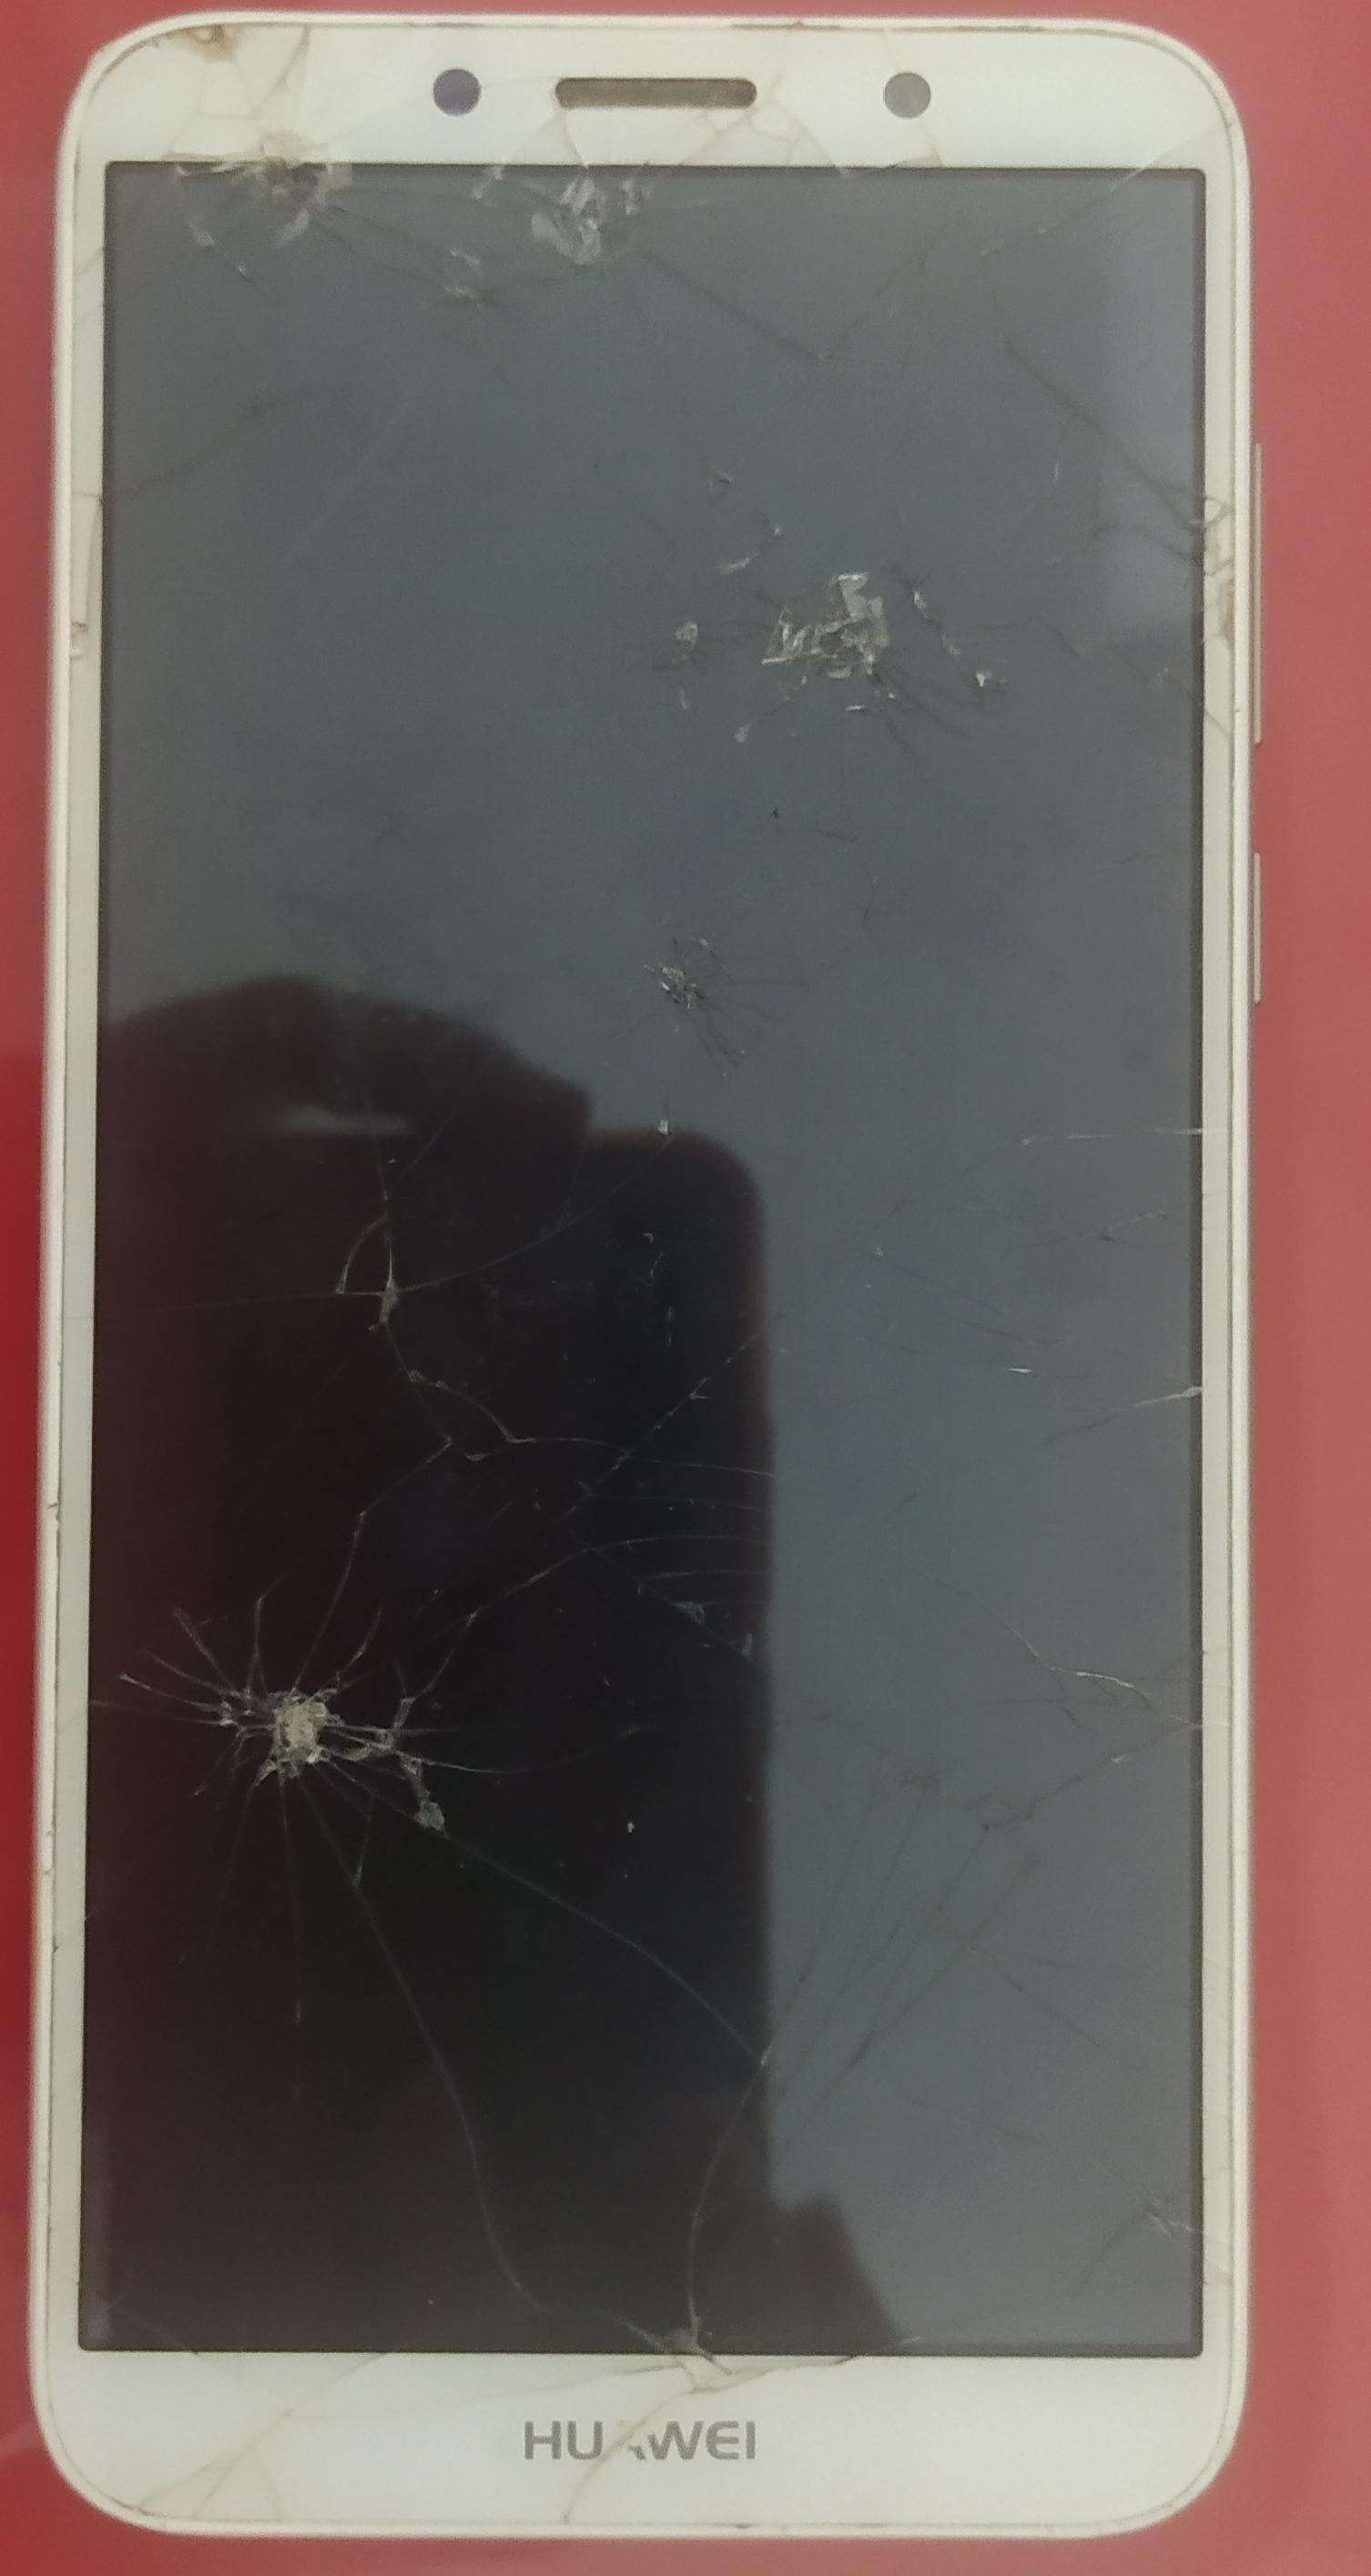 Hawei Y5 con display malo